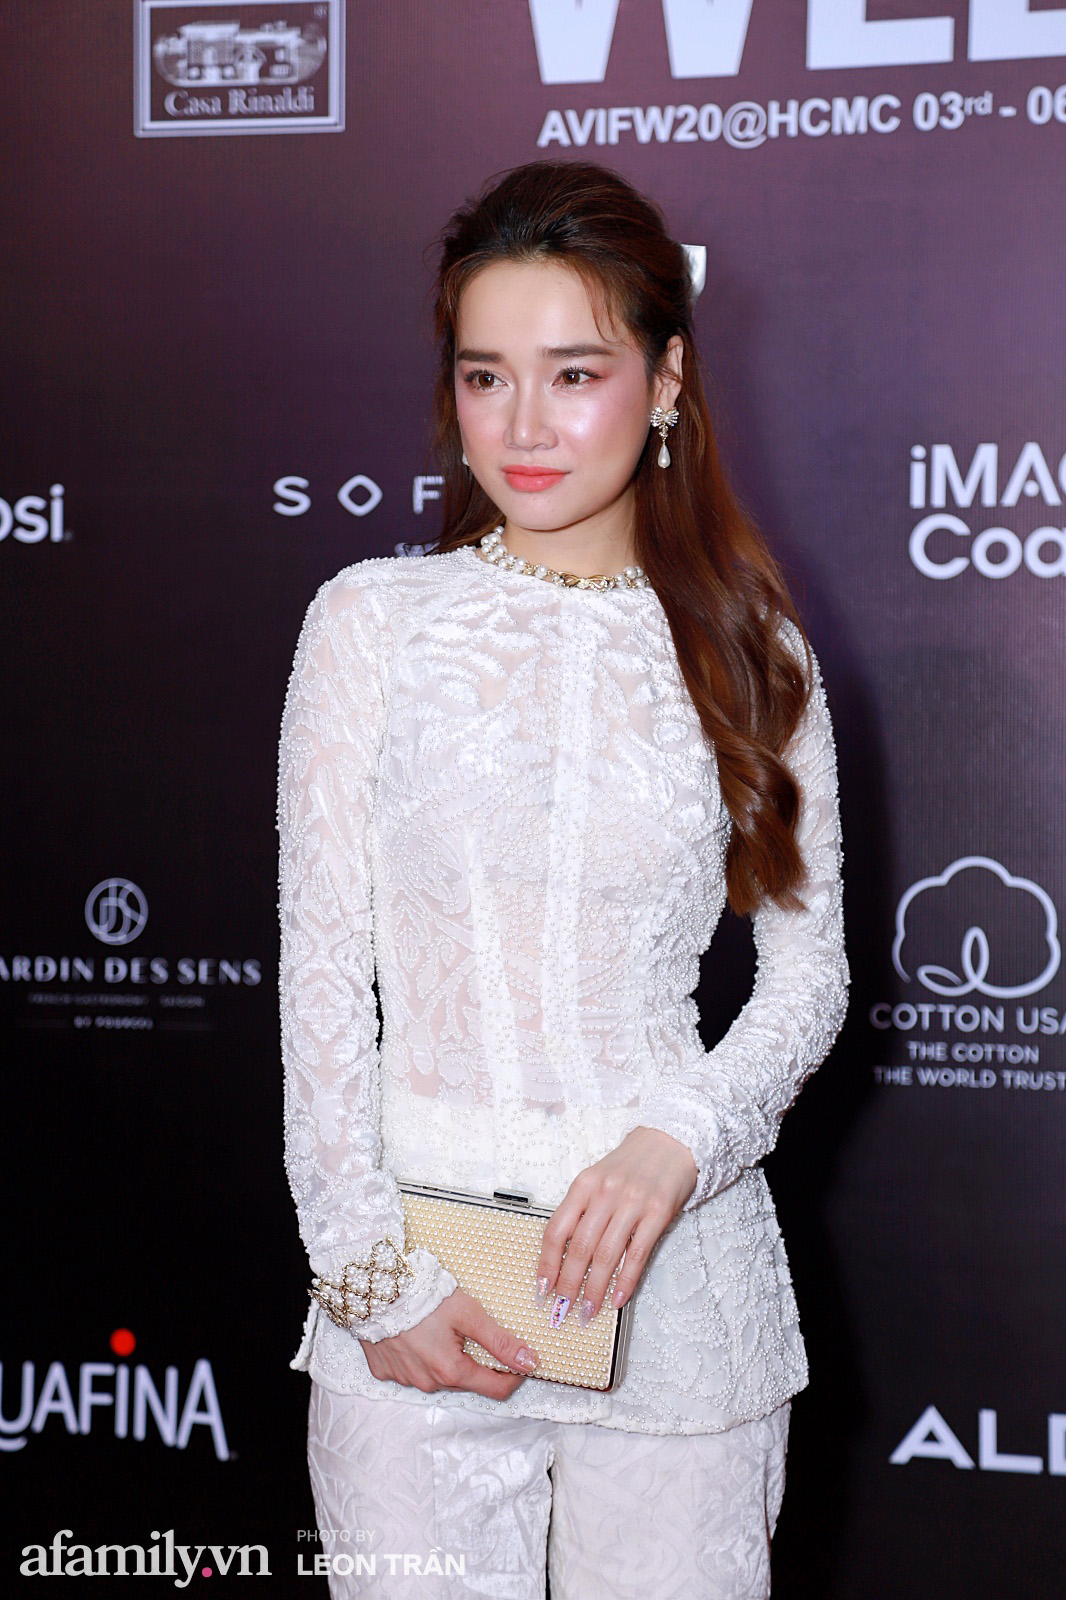 Thảm đỏ Aquafina Vietnam International Fashion Week 2020 ngày 3: Nhã Phương trẻ xinh trong bộ ren trắng, Diệu Nhi nhìn khác lạ trong bộ áo dài cách tân  - Ảnh 2.